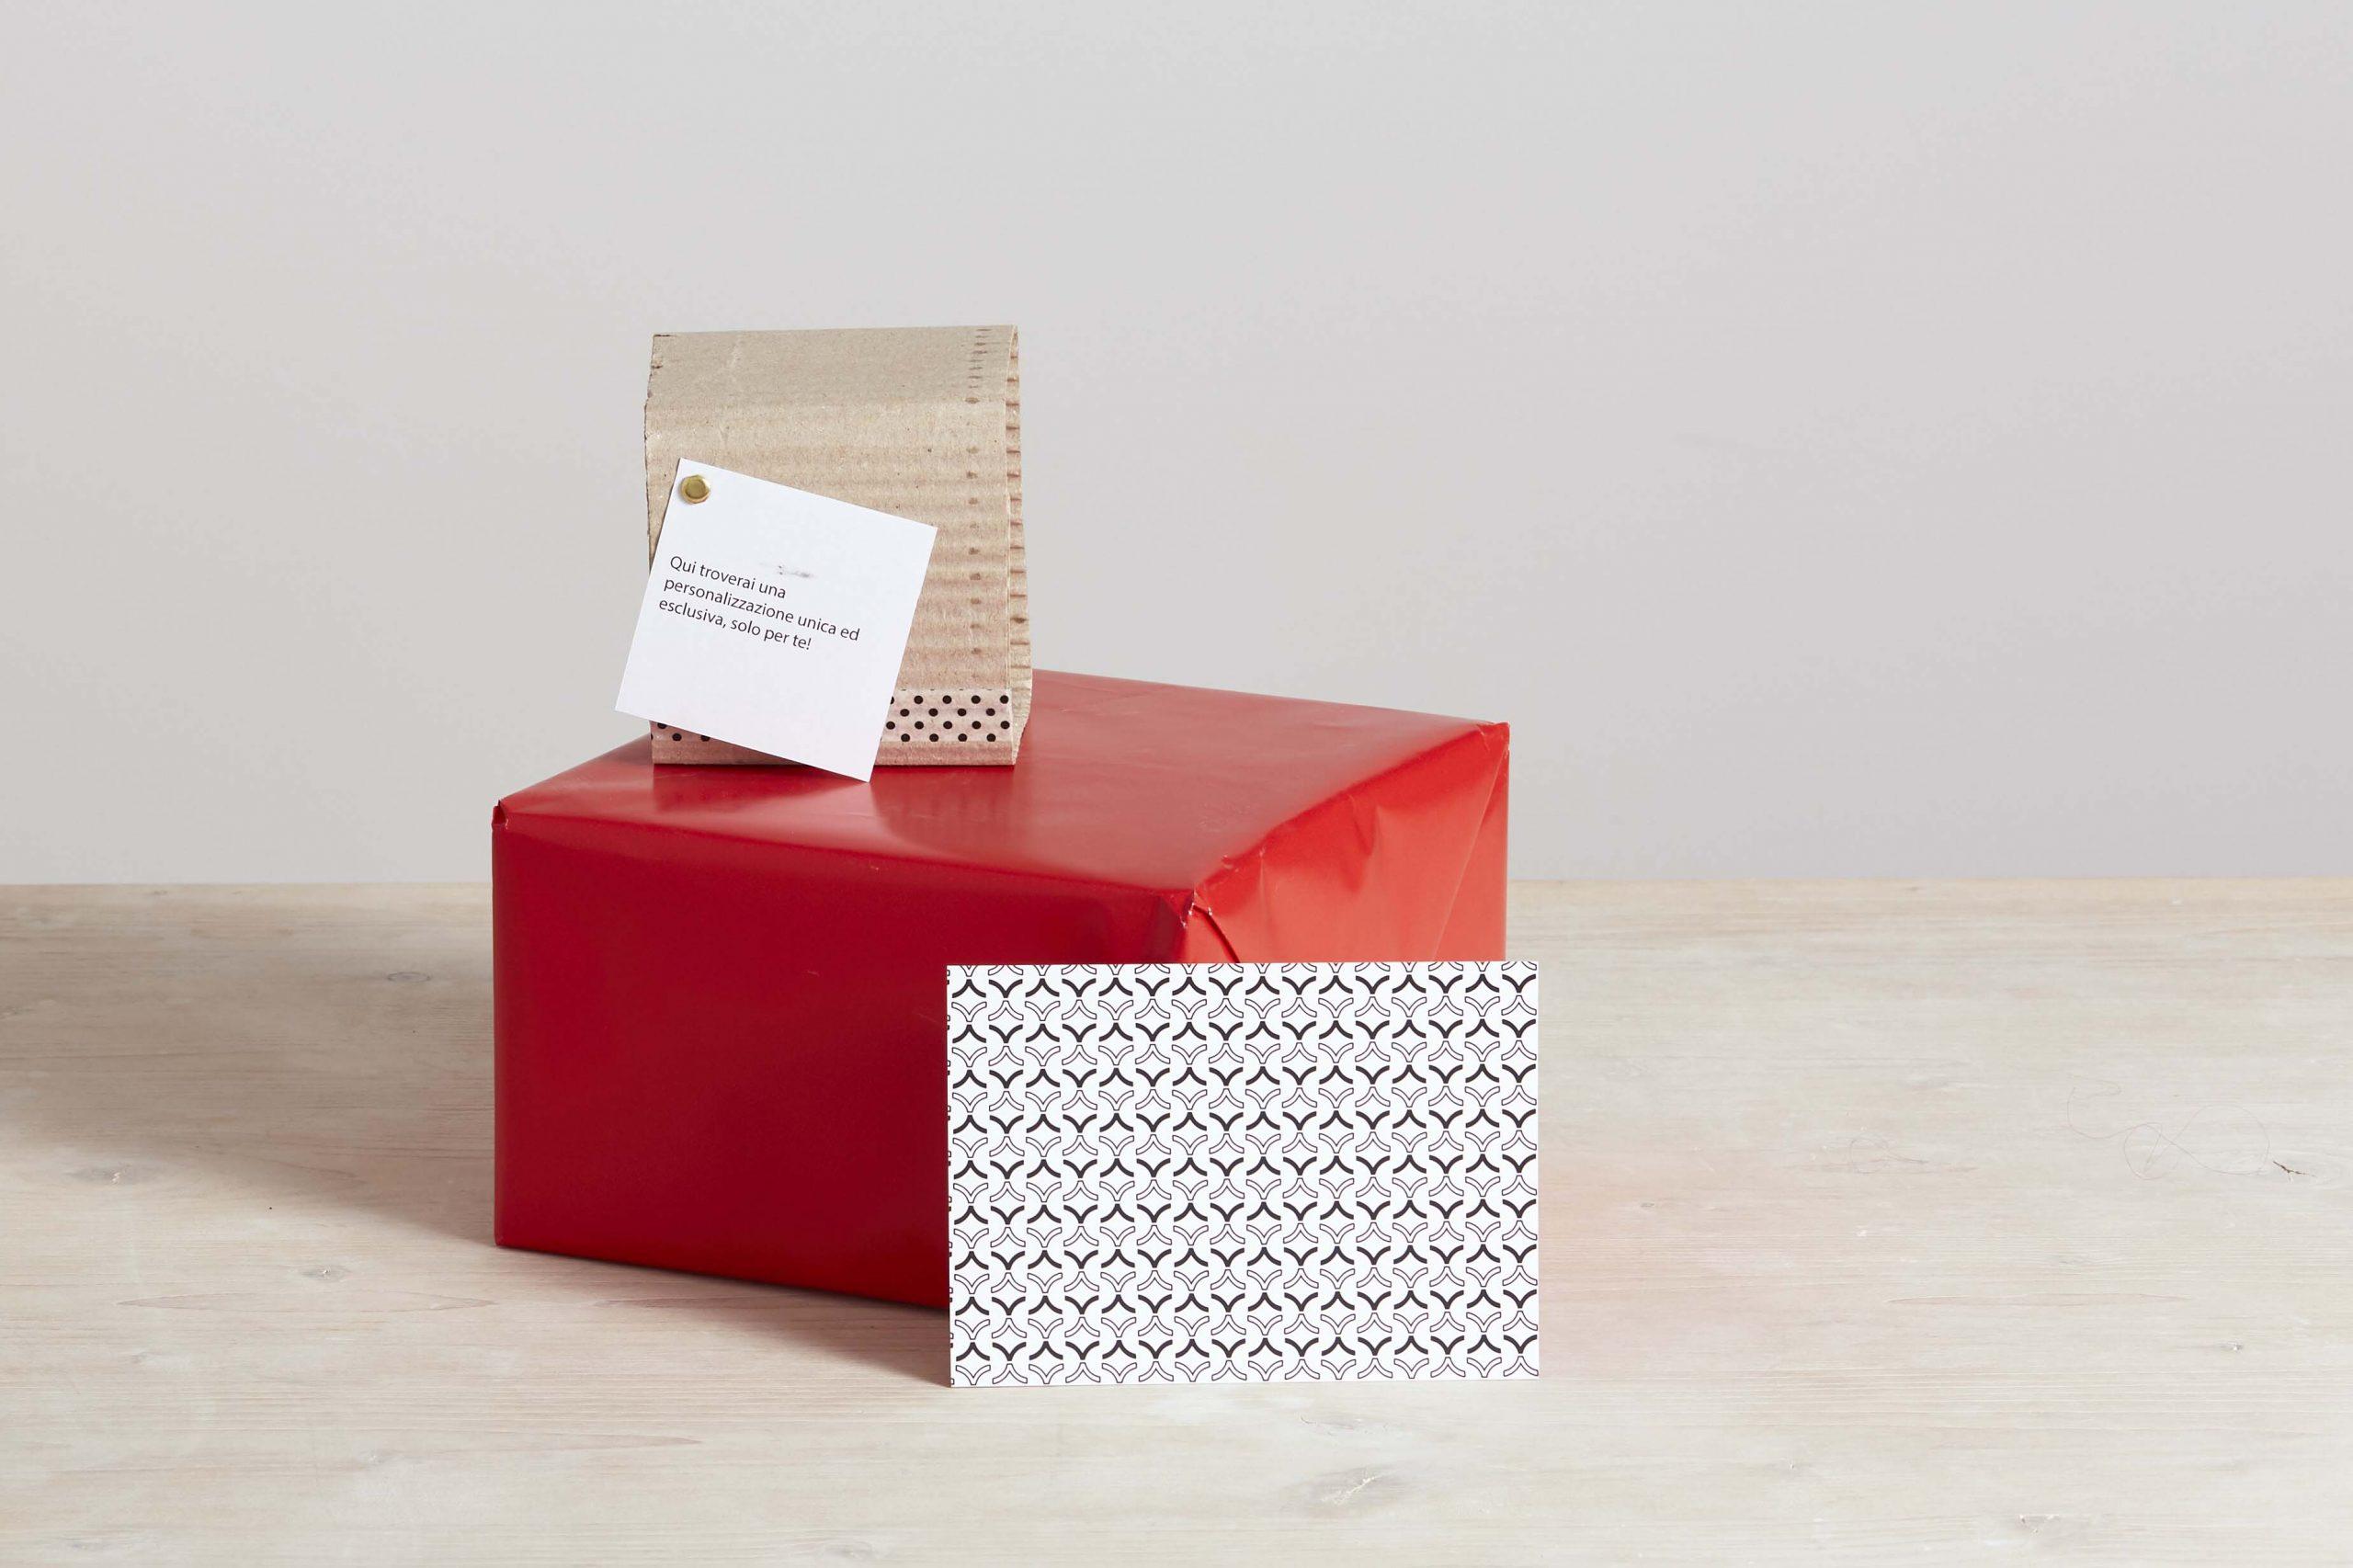 una scatola rossa e una marrone con biglietti e cartoline - artigianale - Federica Ramacciotti